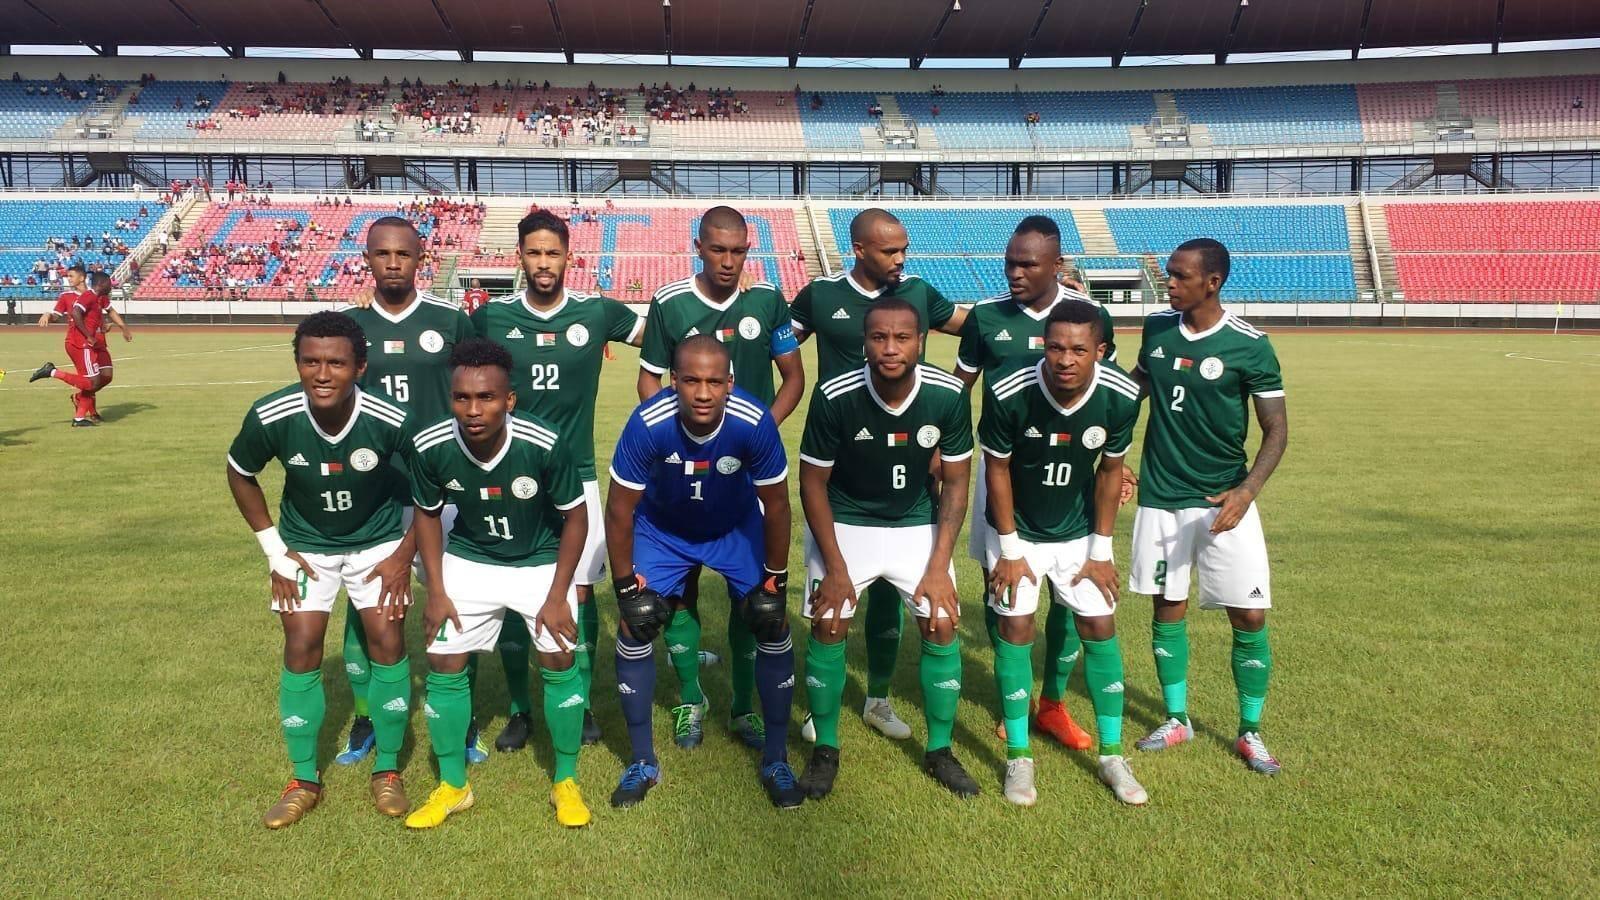 L'équipe de Madagascar s'est qualifiée pour la CAN 2019.